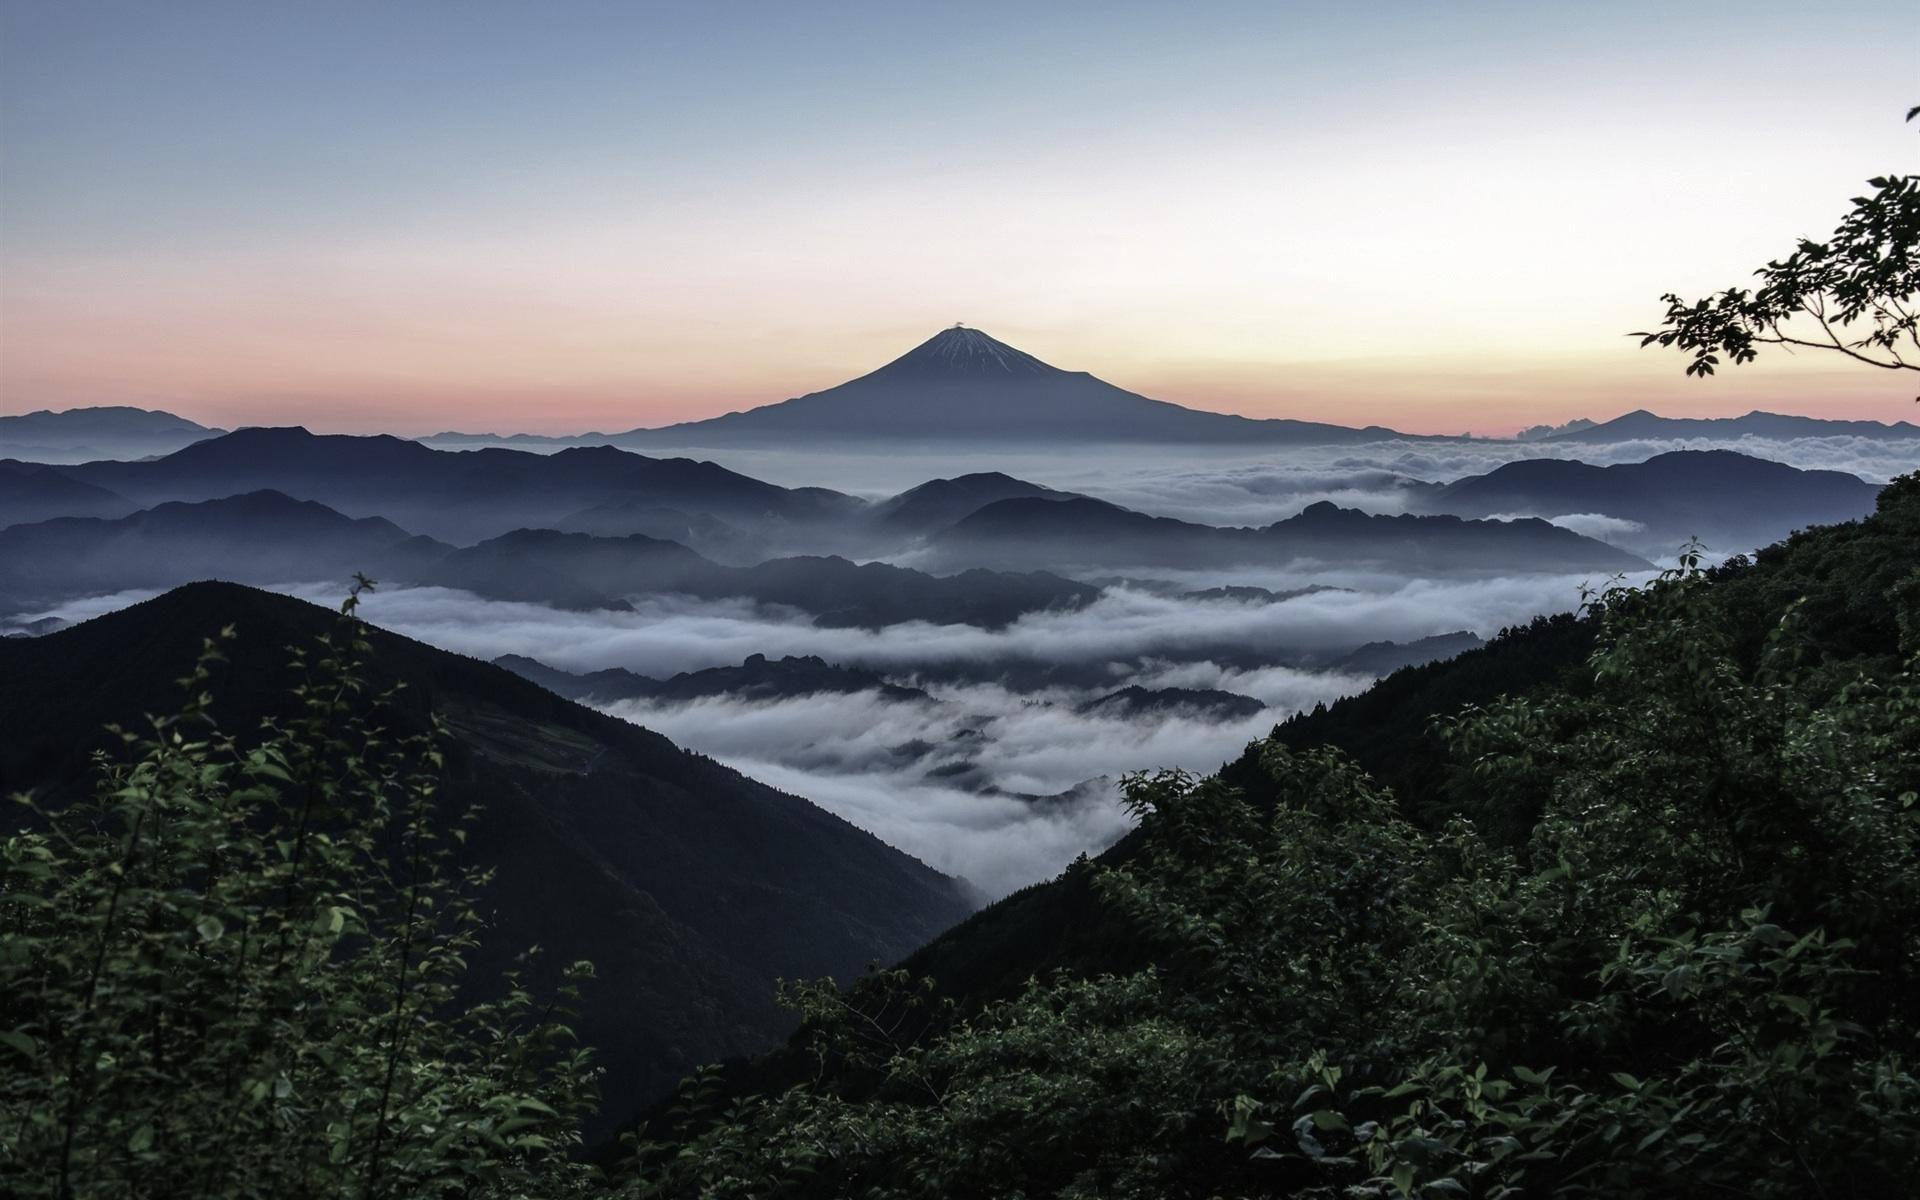 Fujiyama-Japan sat